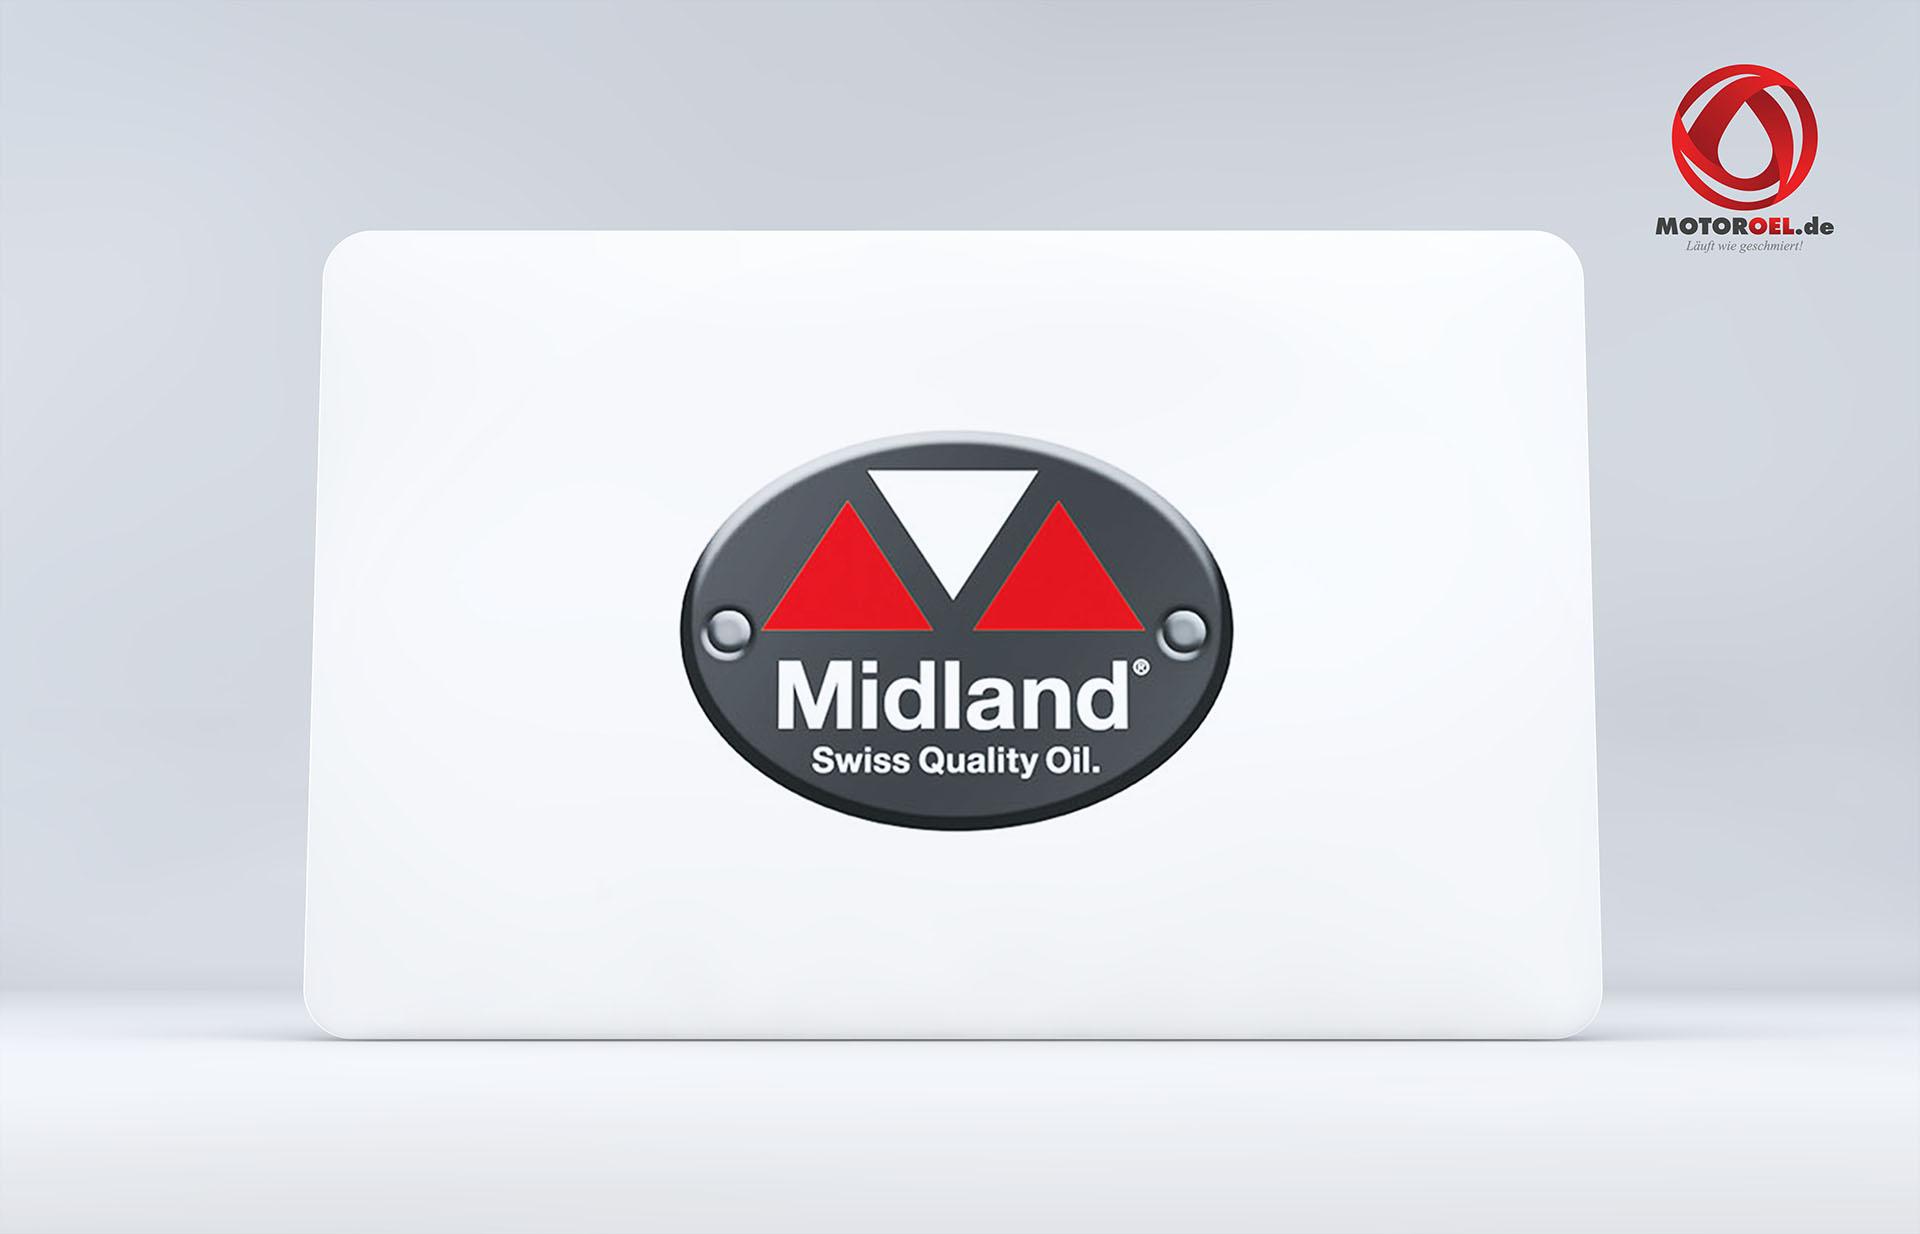 Midland Motoröl Hersteller 5w30